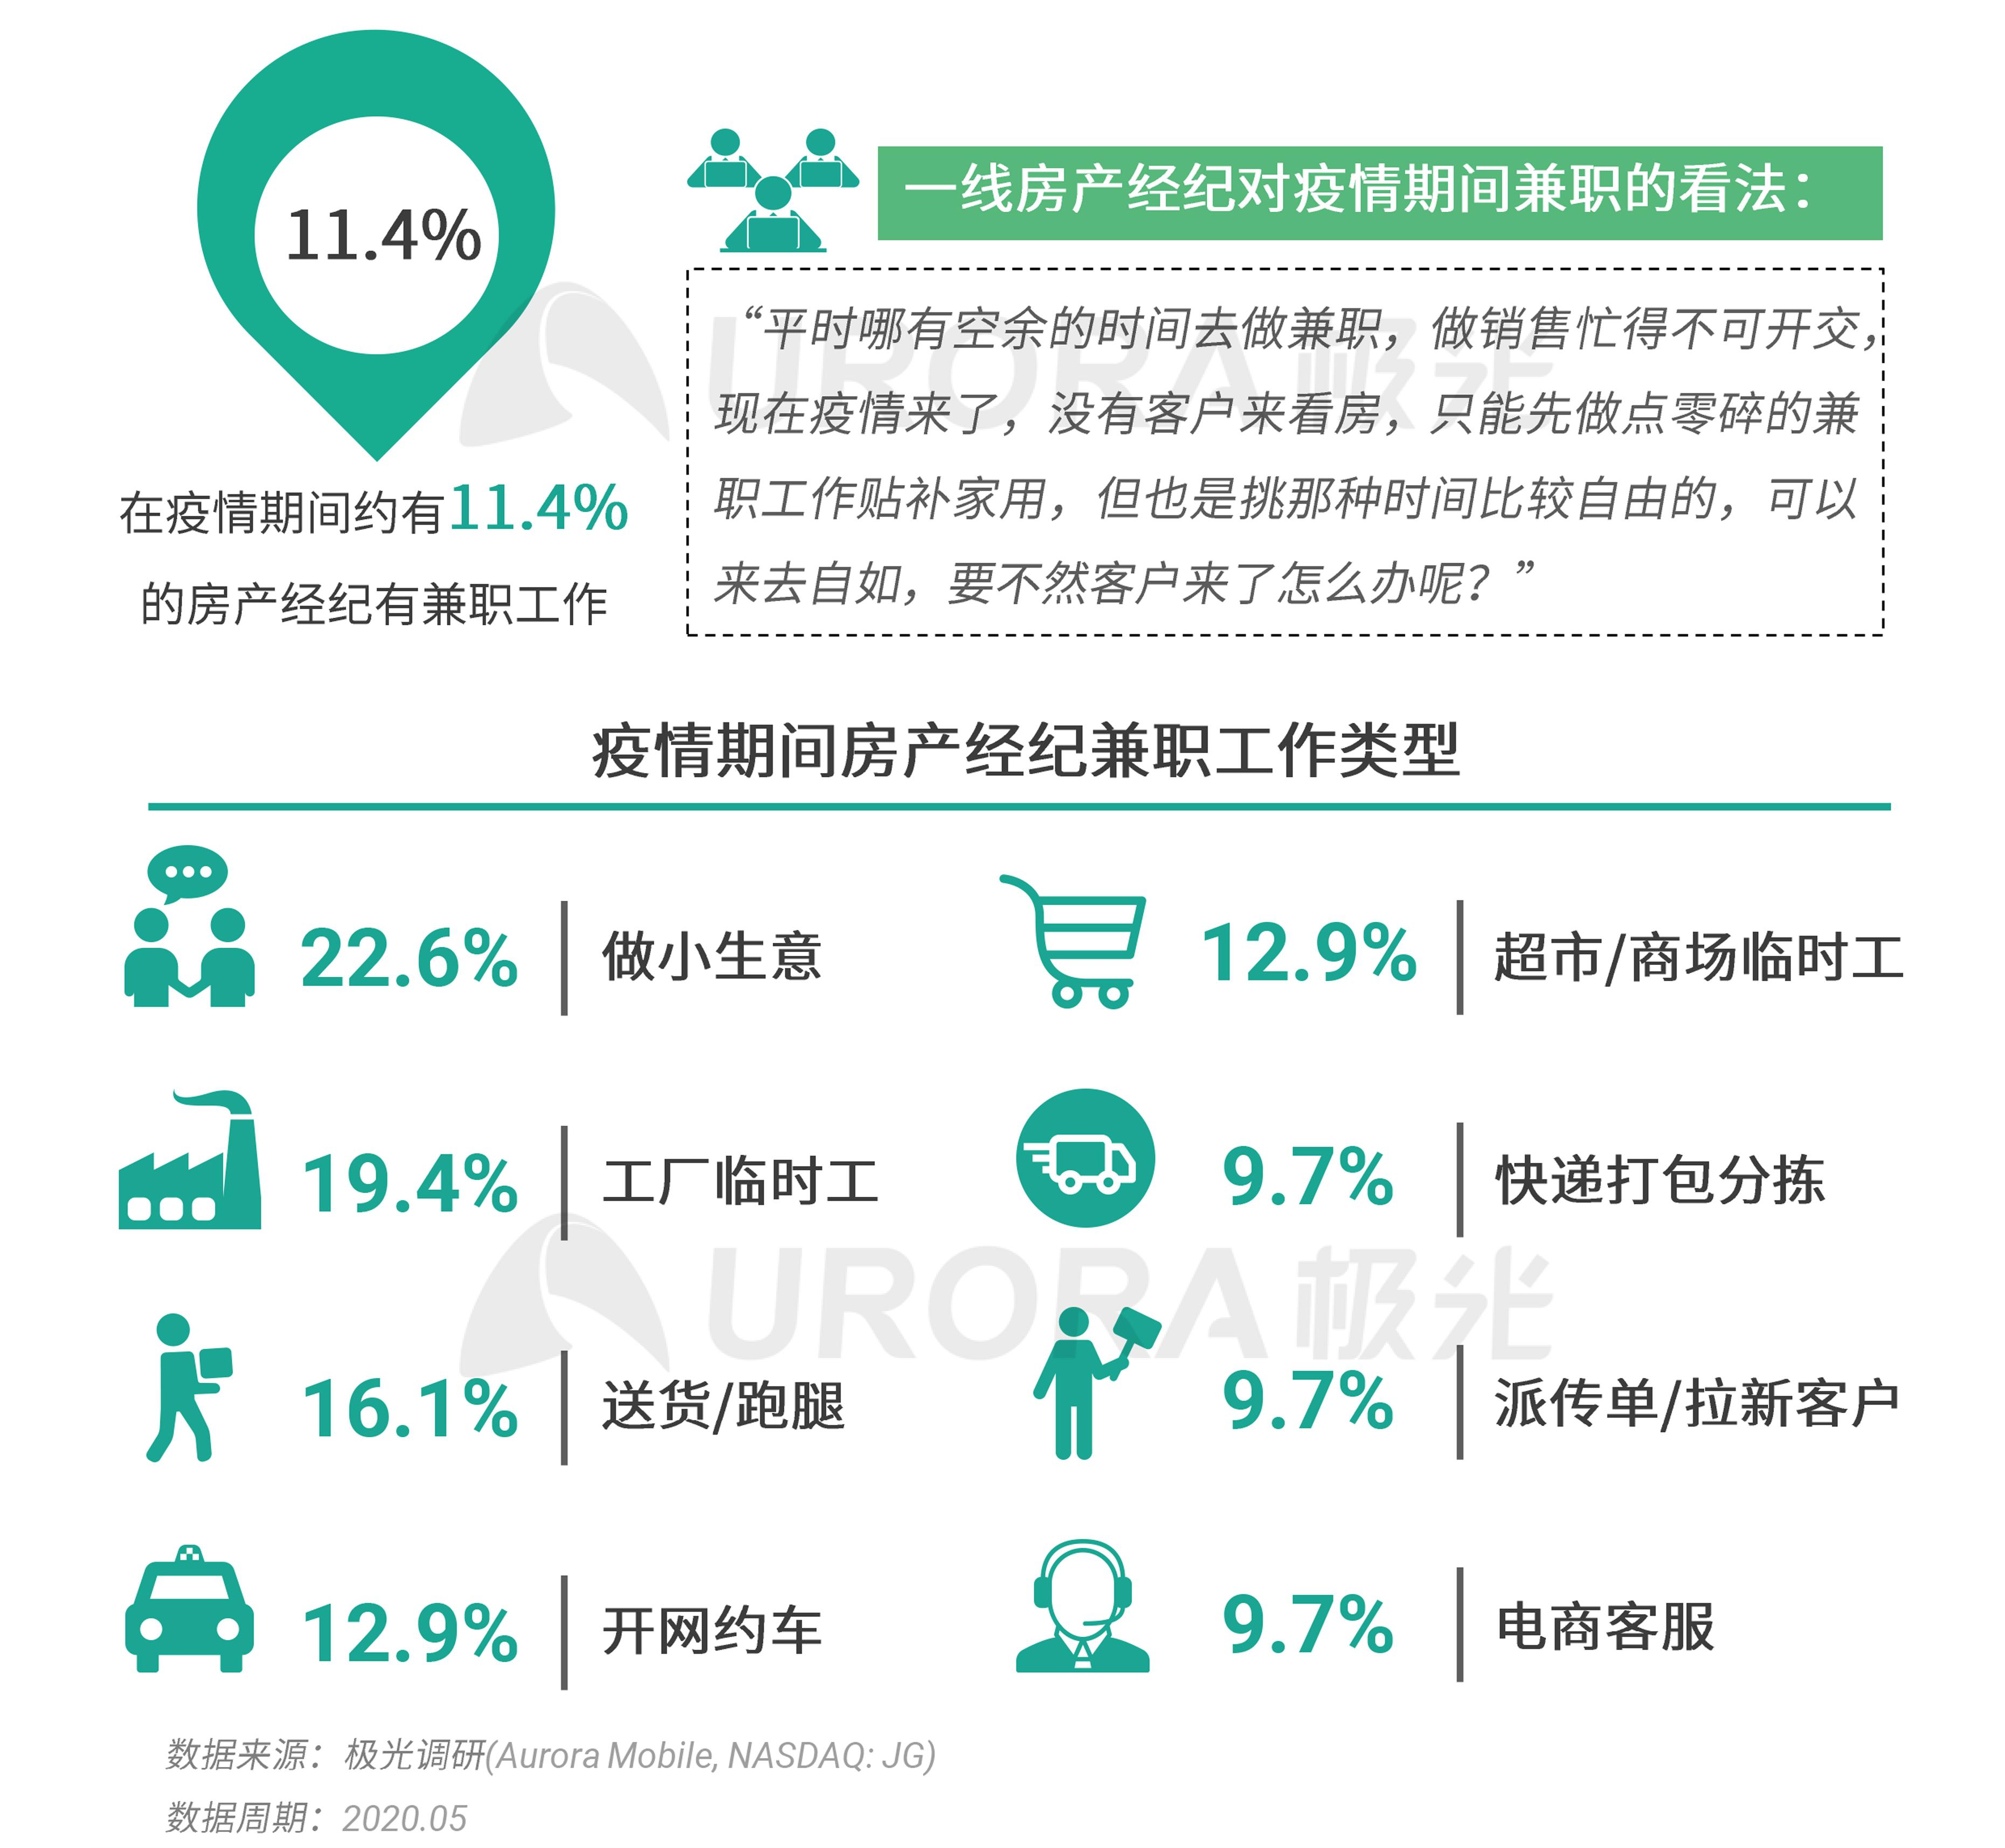 极光:2020年房产经纪行业和购房市场洞察报告 (13).png